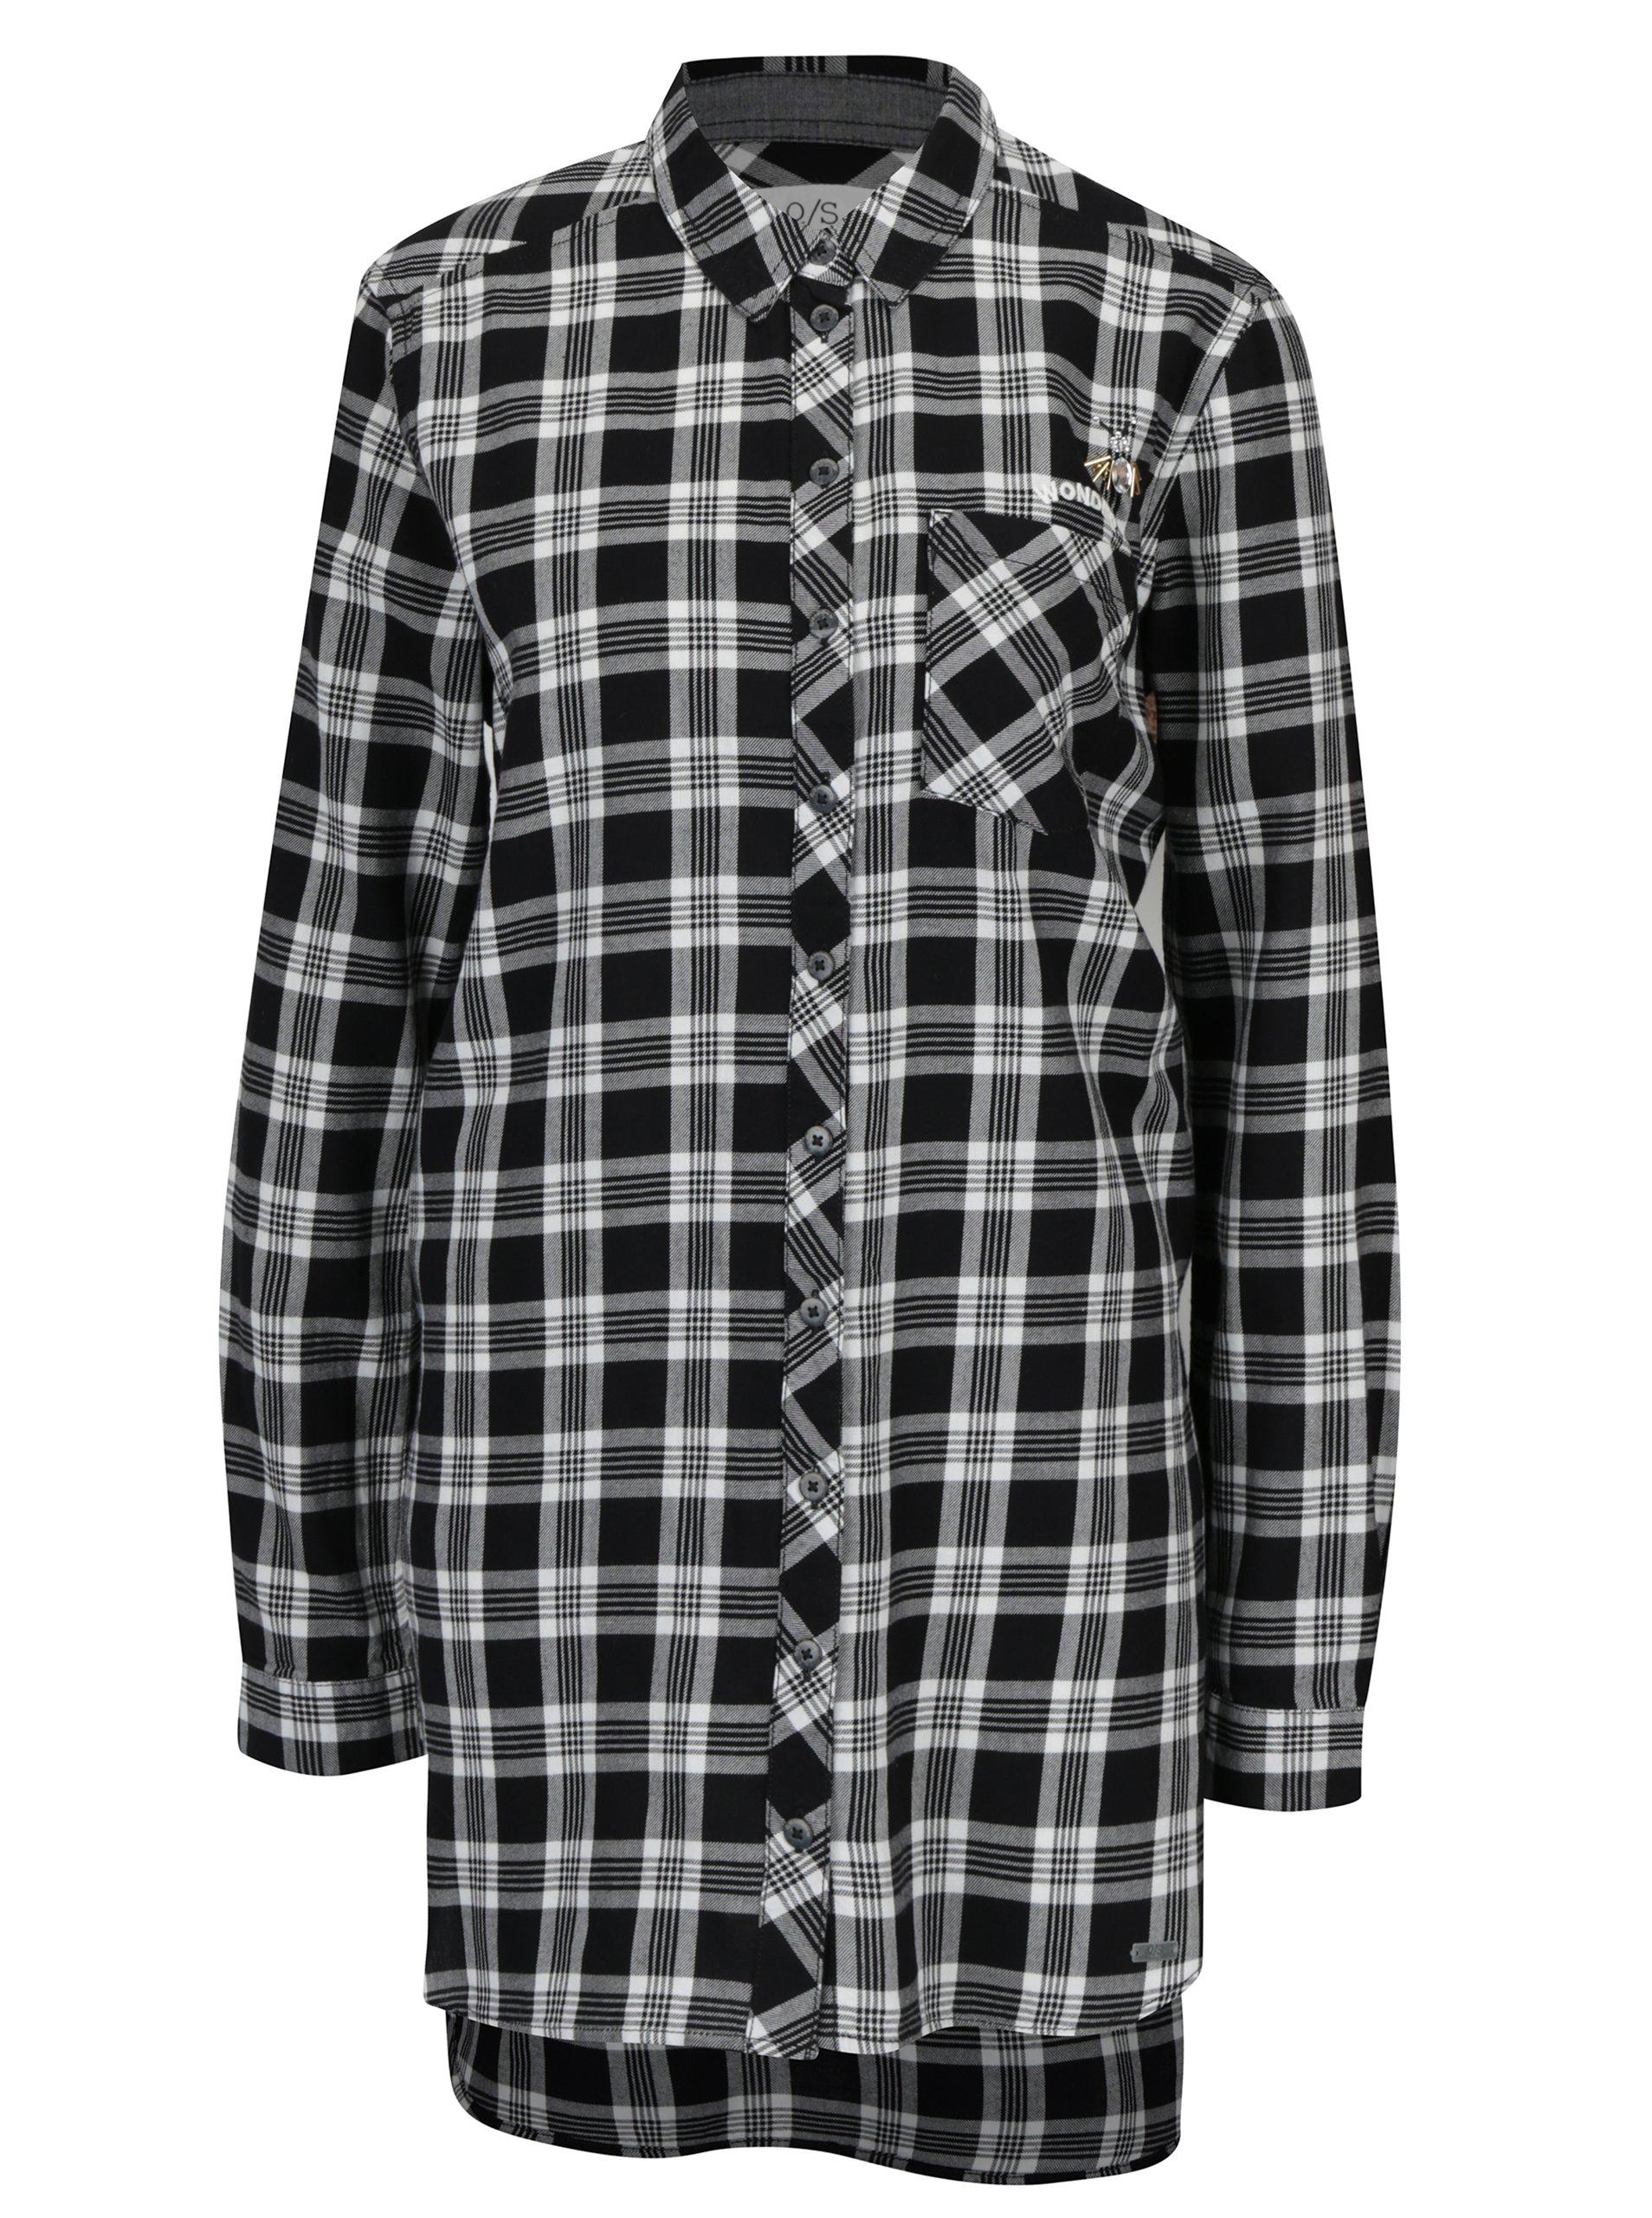 b5d9505a2f50 Bielo-čierna dámska dlhá károvaná košeľa s.Oliver